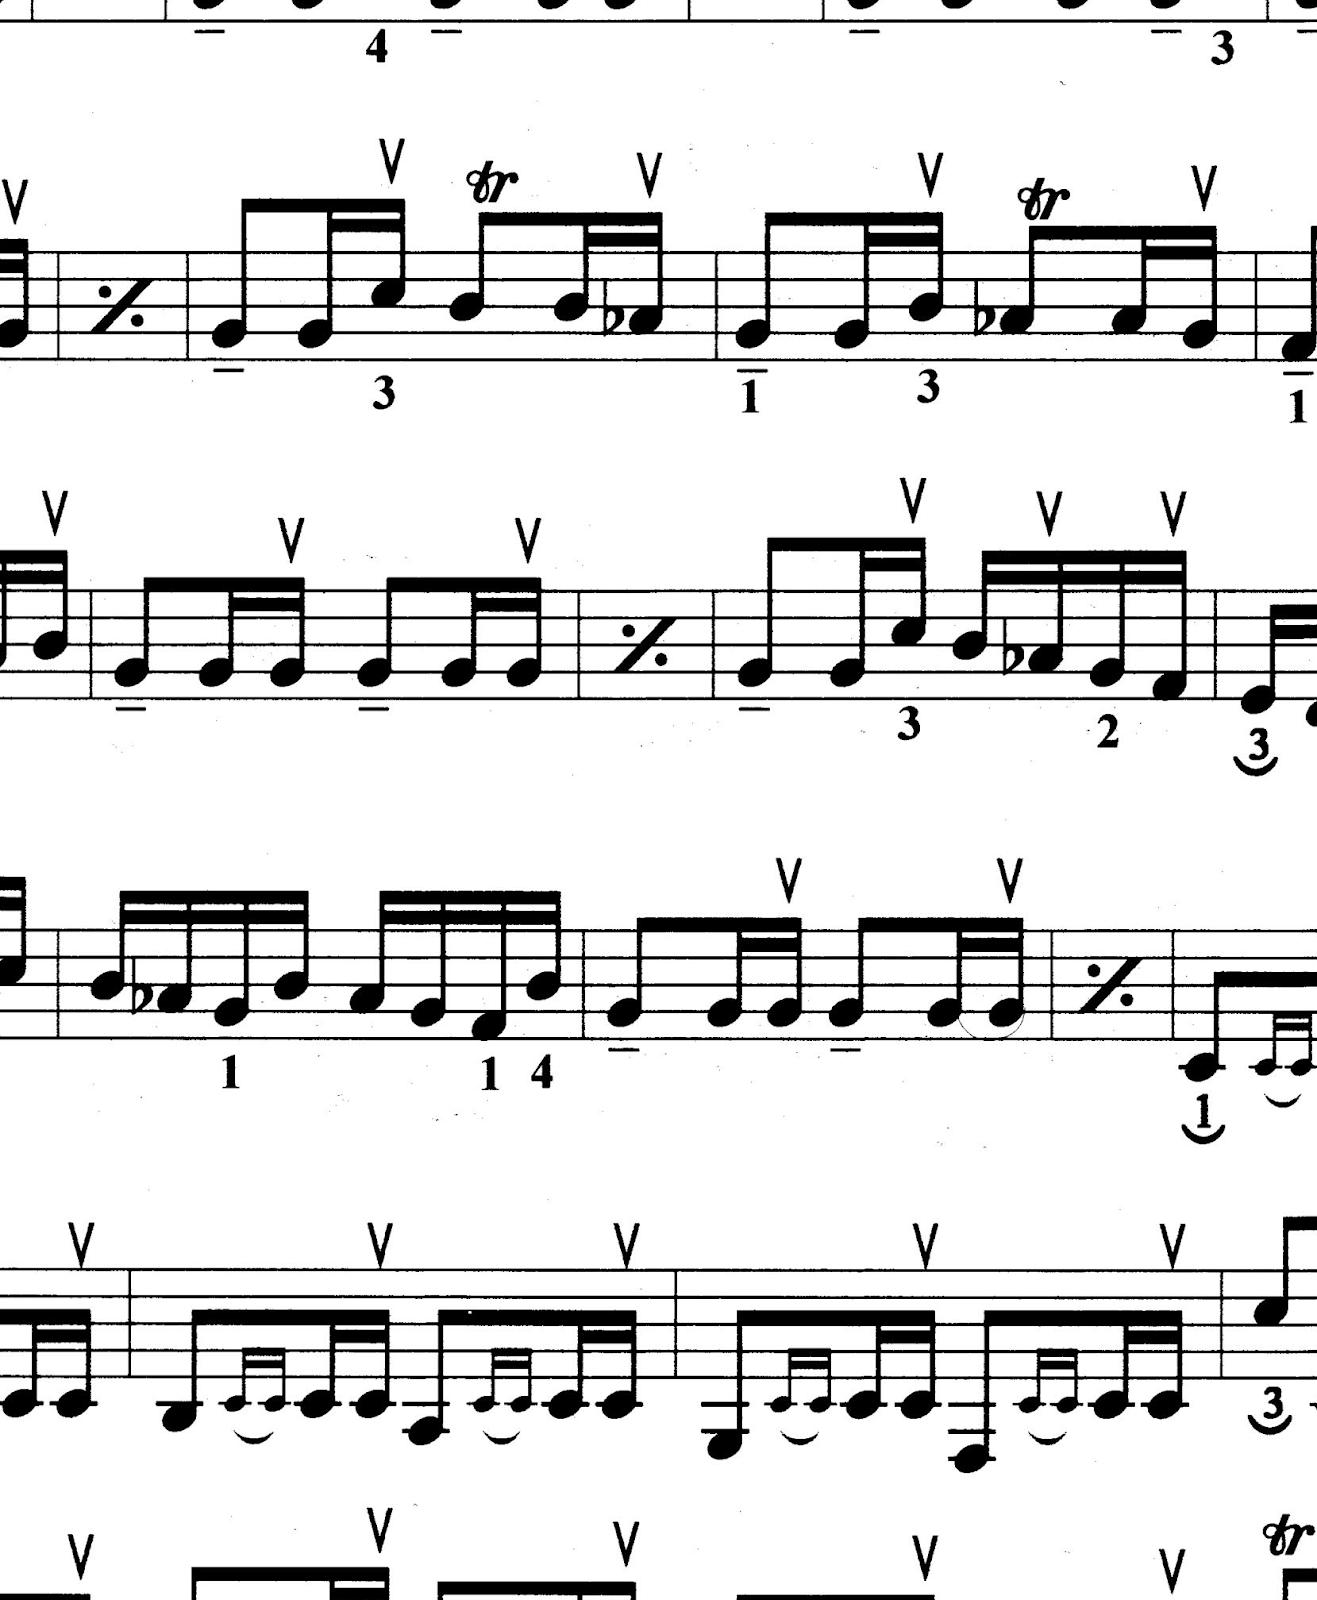 نت و آهنگ ضربی حسینی دستگاه شور مایهی سل هشت آهنگ برای سنتور فرامرز پایور